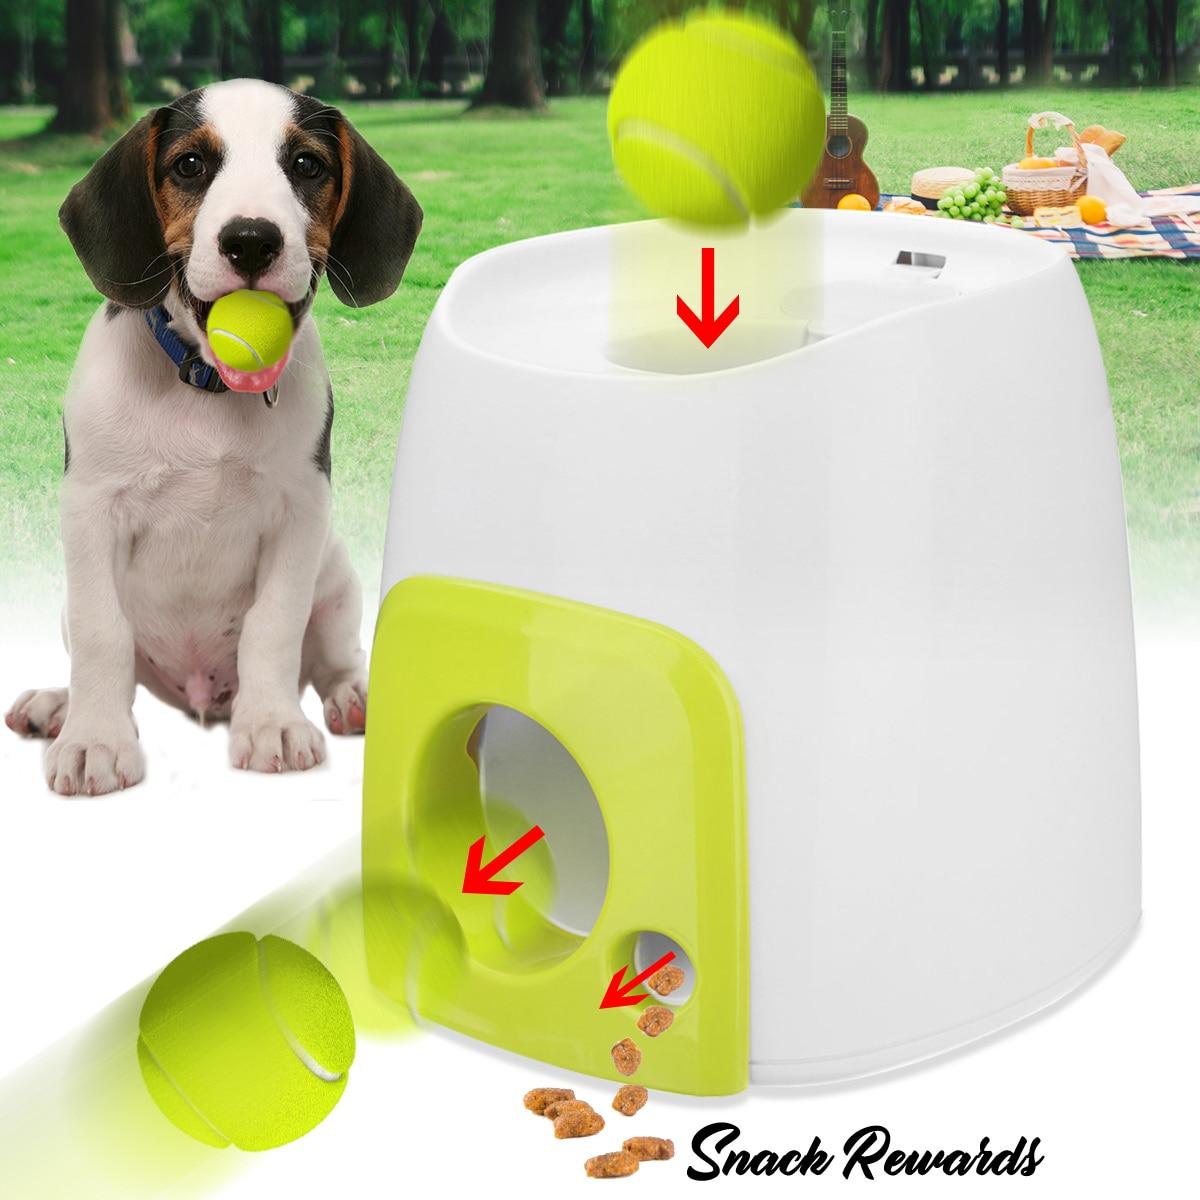 Woopet Pet Chien Jouet Automatique Balle Interactive Lanceur Balle De Tennis Machine À Envoyer Lancement Corvée Balles Outil De Formation De Chien